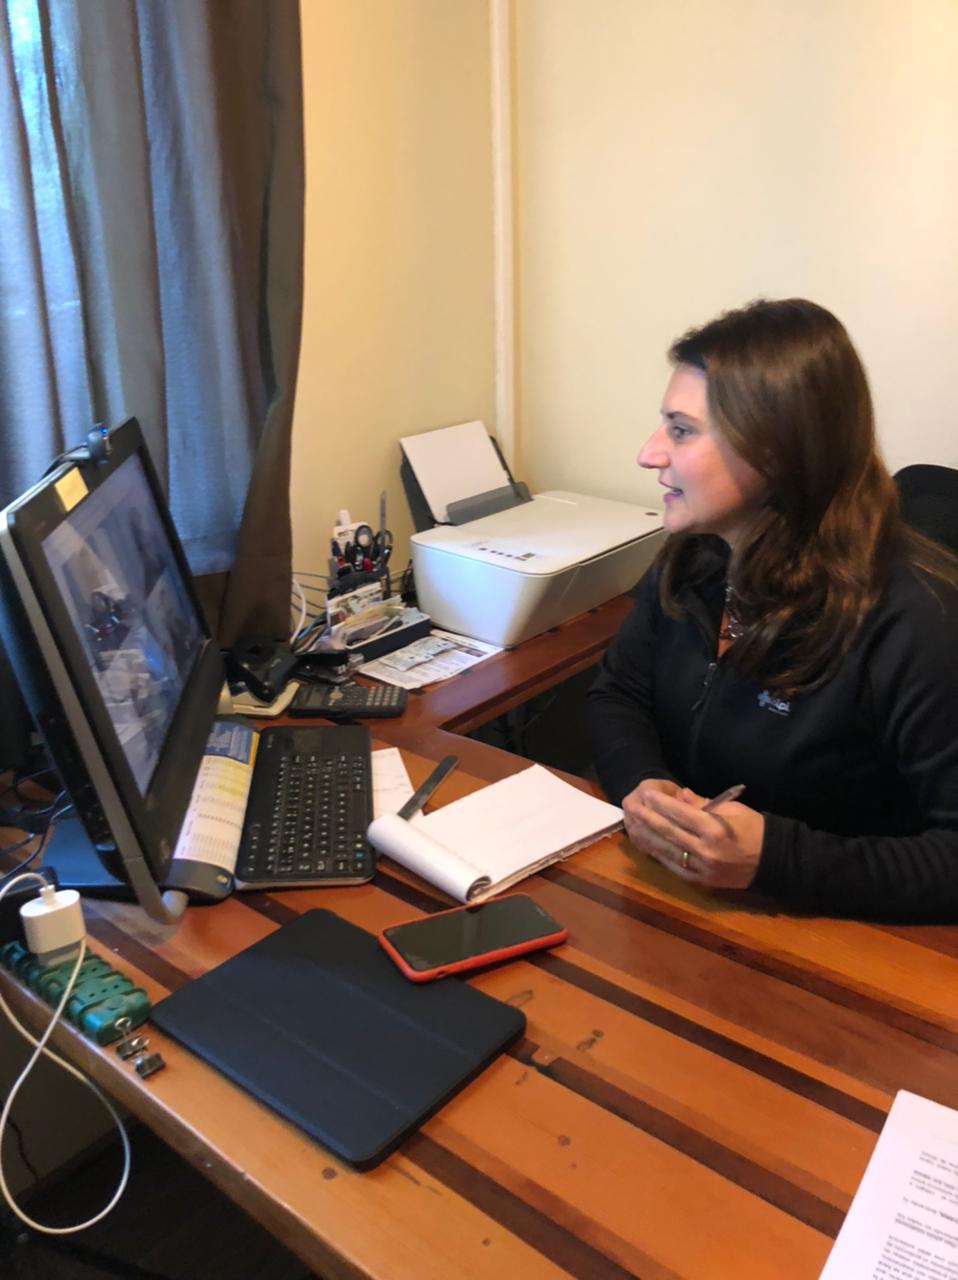 Diputada Cid se reunió con director nacional de la Onemi para analizar proyecto de alarmas en el Borde Costero de Atacama